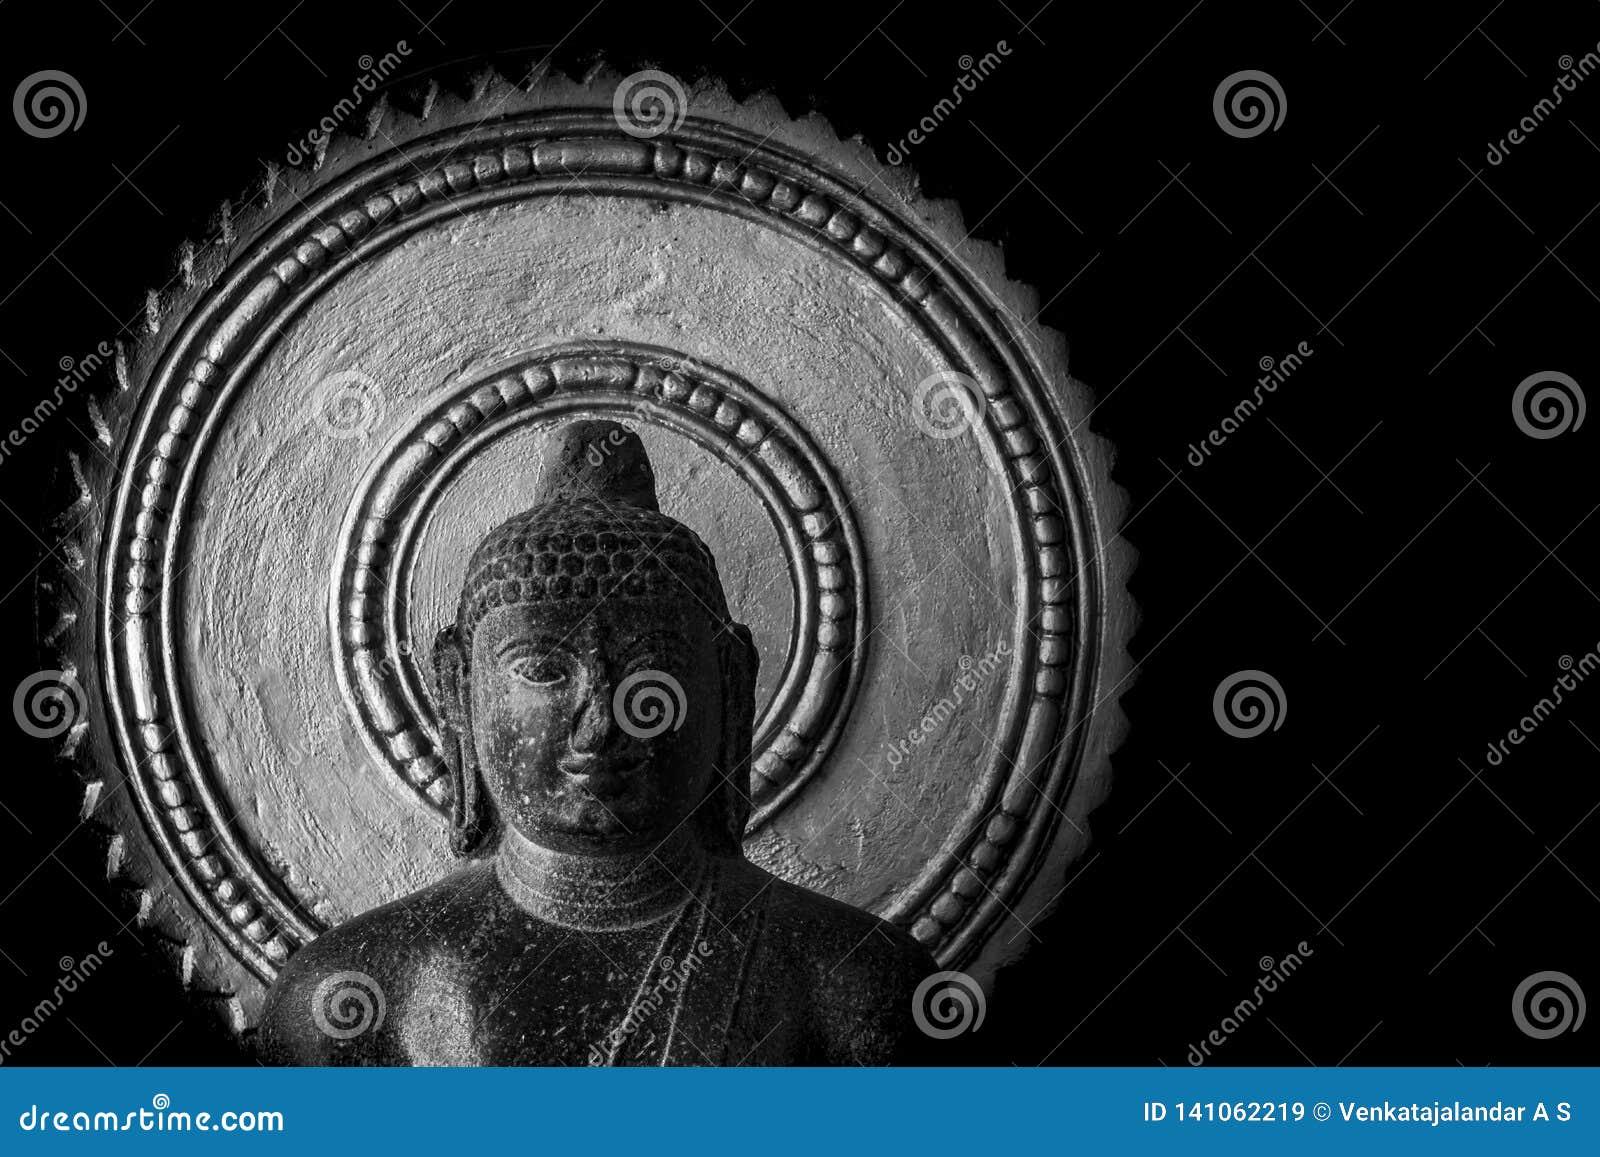 Παλαιό άγαλμα του Βούδα που χαράζεται στην πέτρα - μουσείο Thanjavur